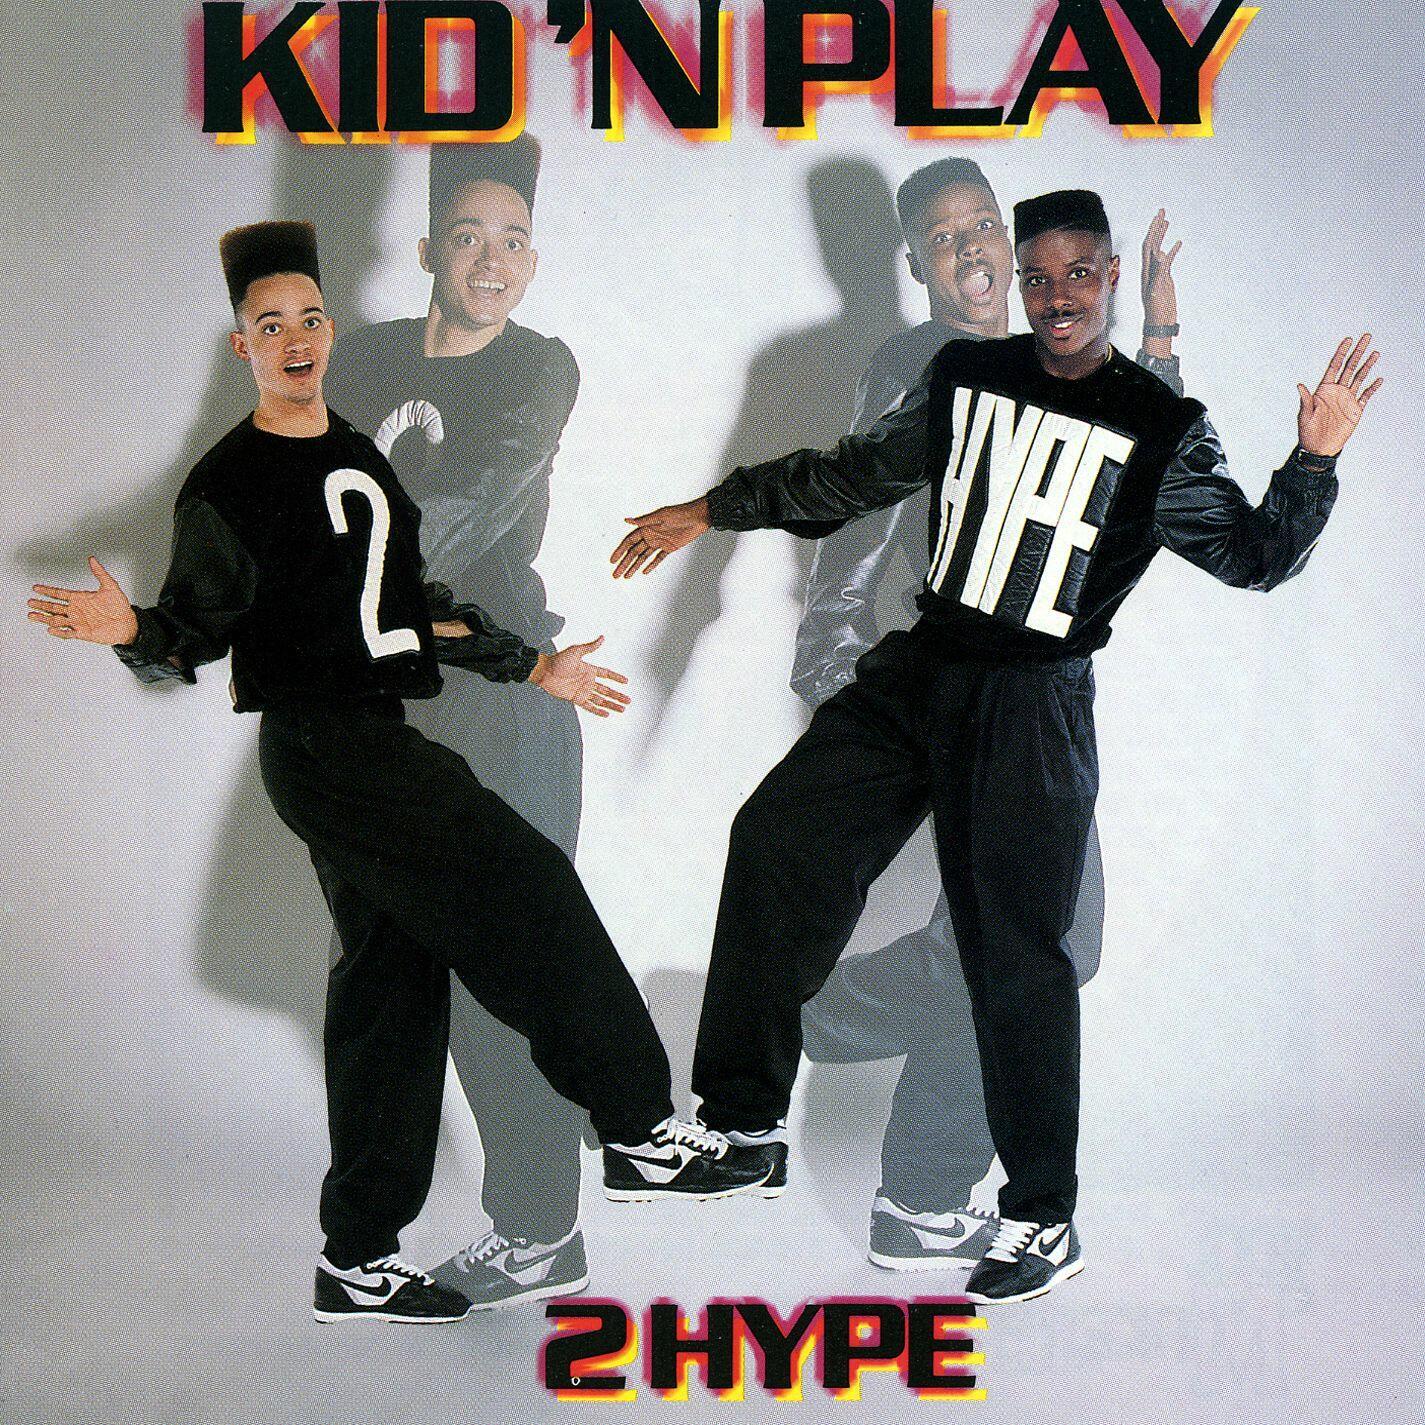 Kid And Play Last Night Lyrics